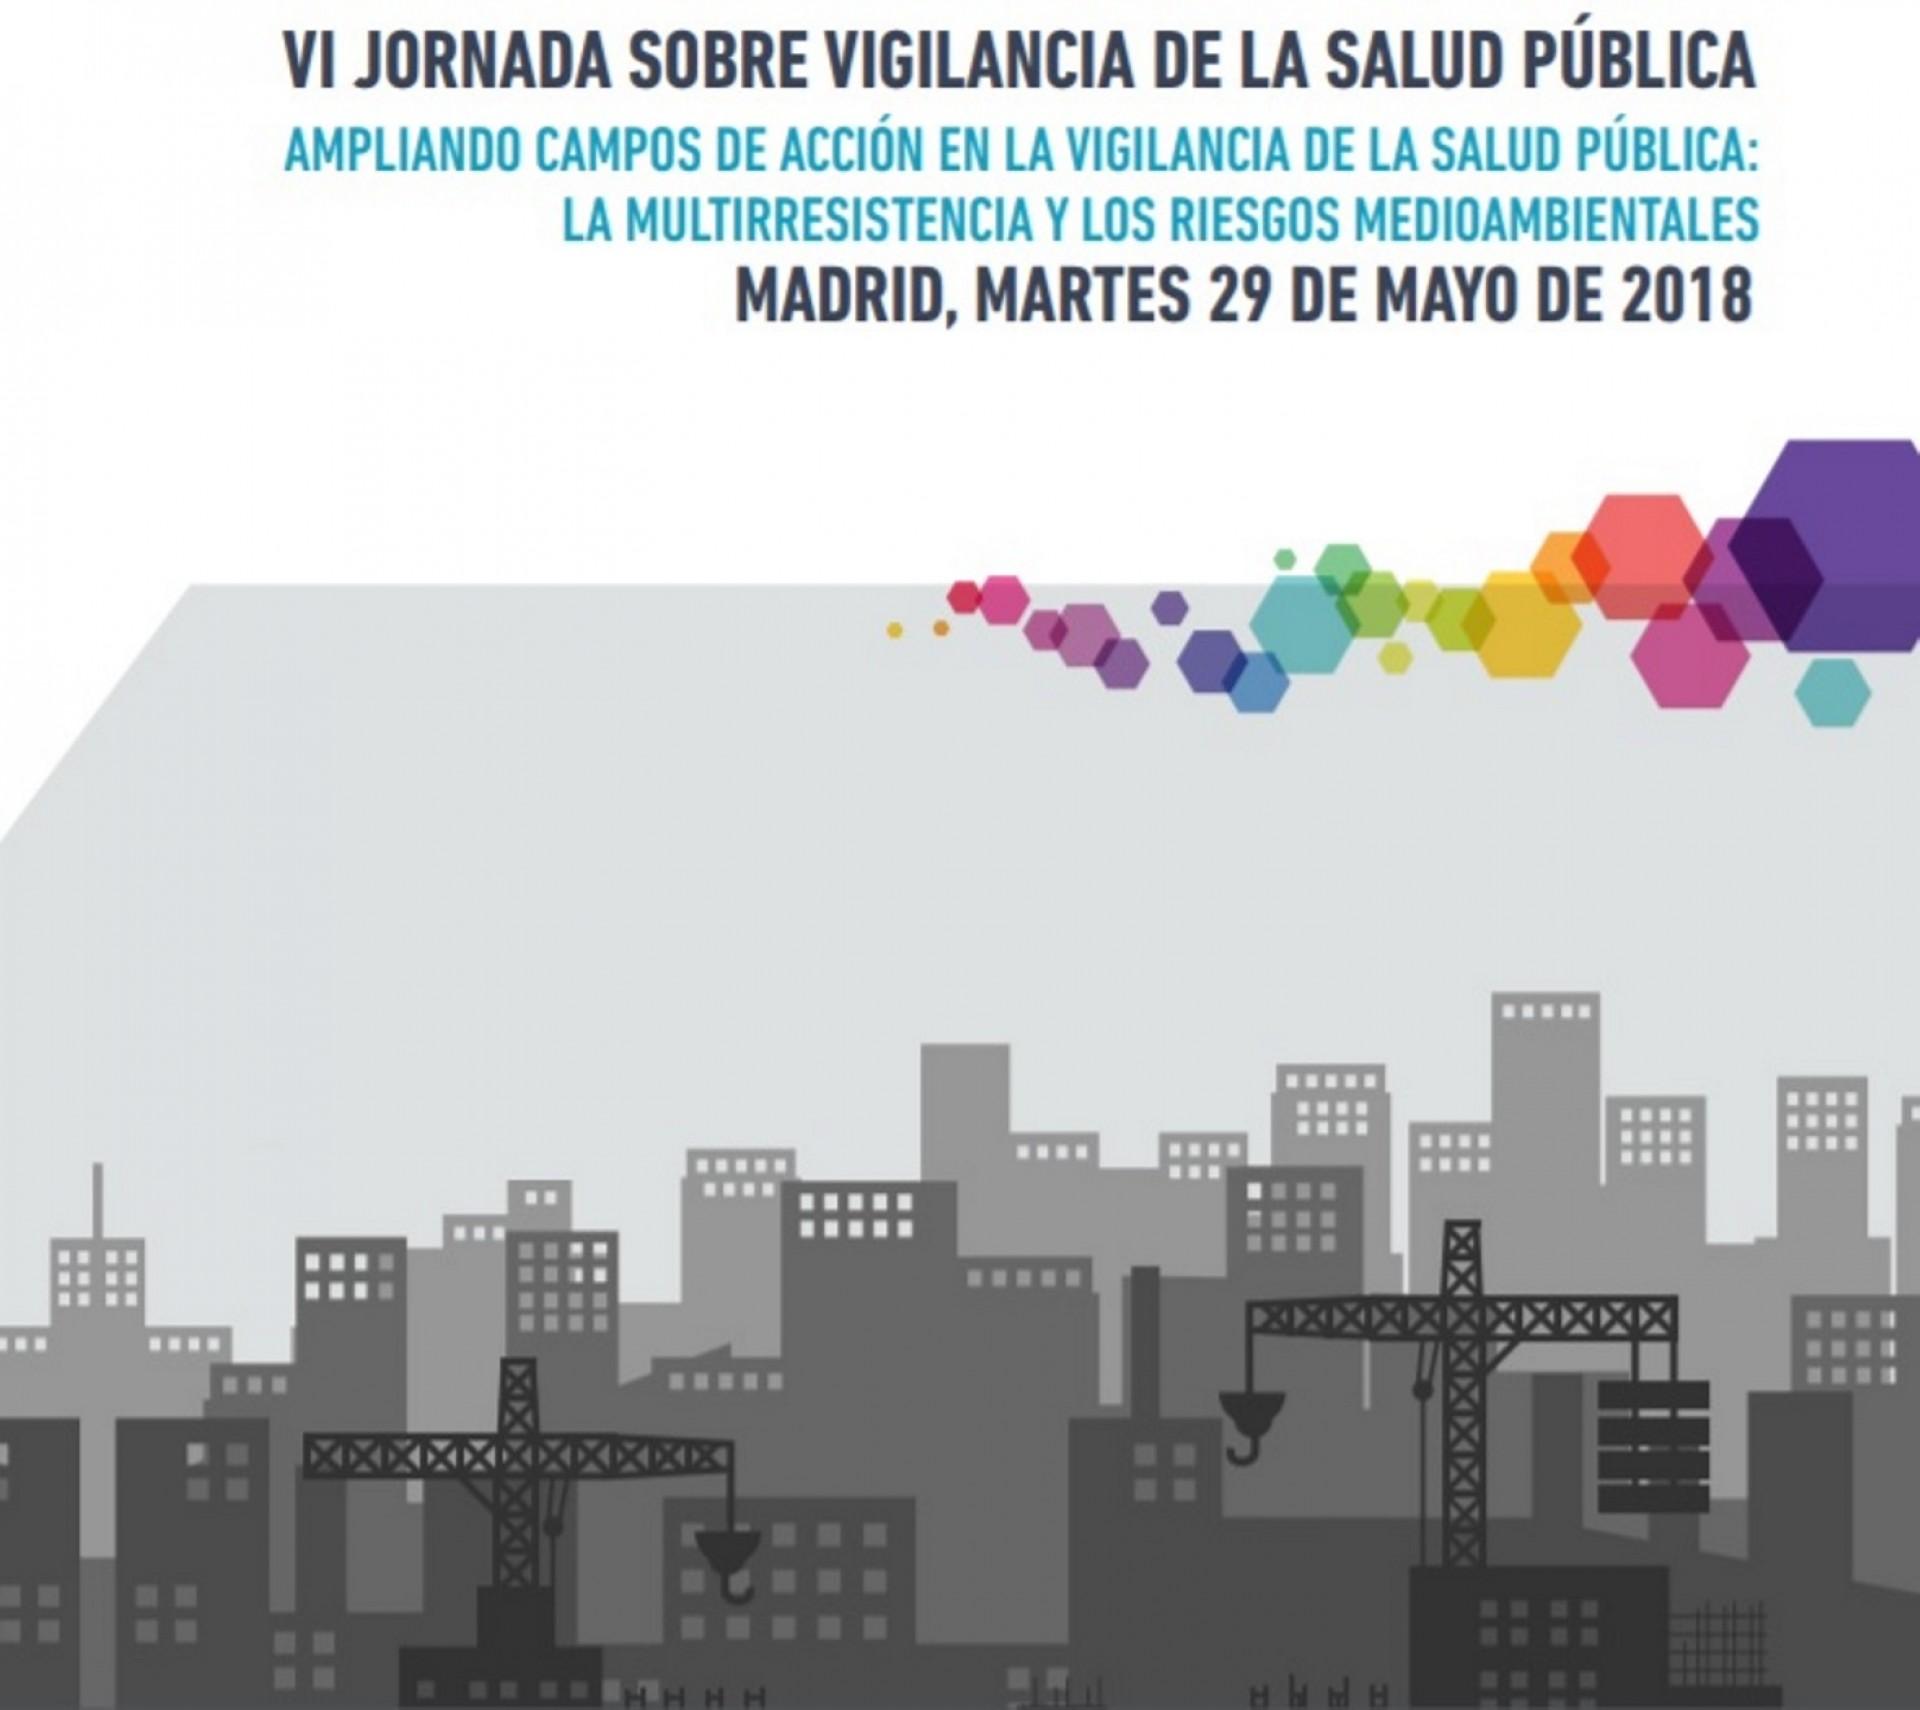 La Sociedad Española de Epidemiología ante el desafío de luchar contra la resistencia a los antibióticos y los problemas ambientales en la salud